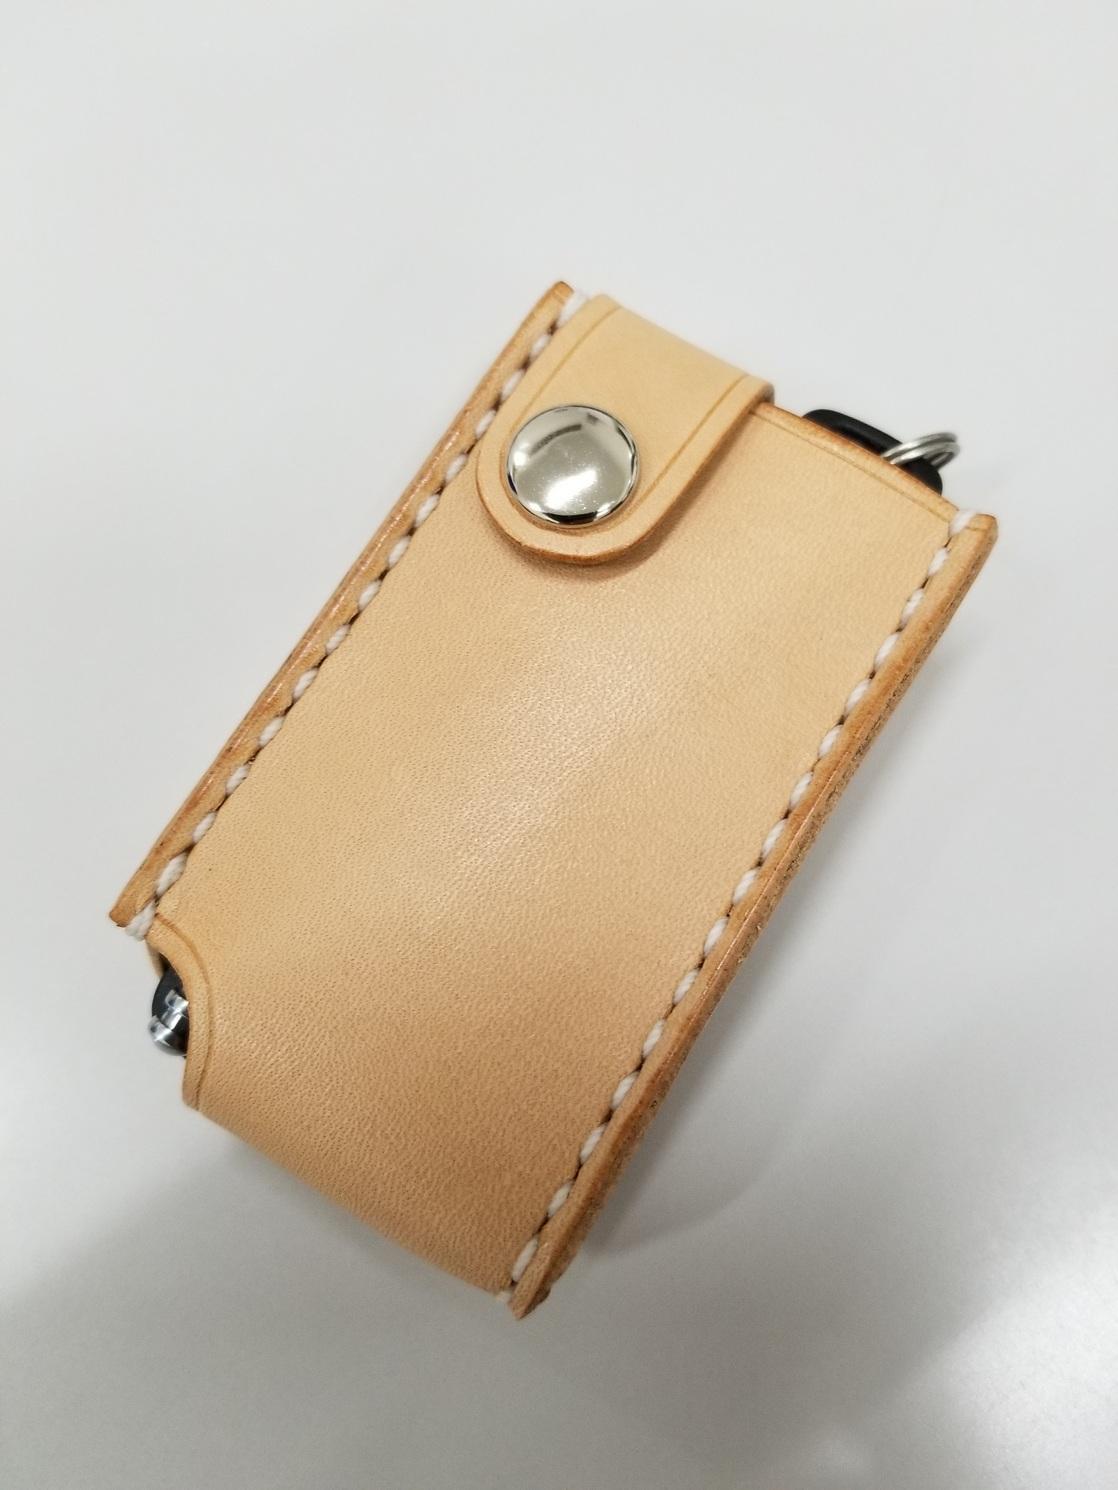 スマートキー装着。ケースに入れた状態でアンテナ伸縮が可能です。